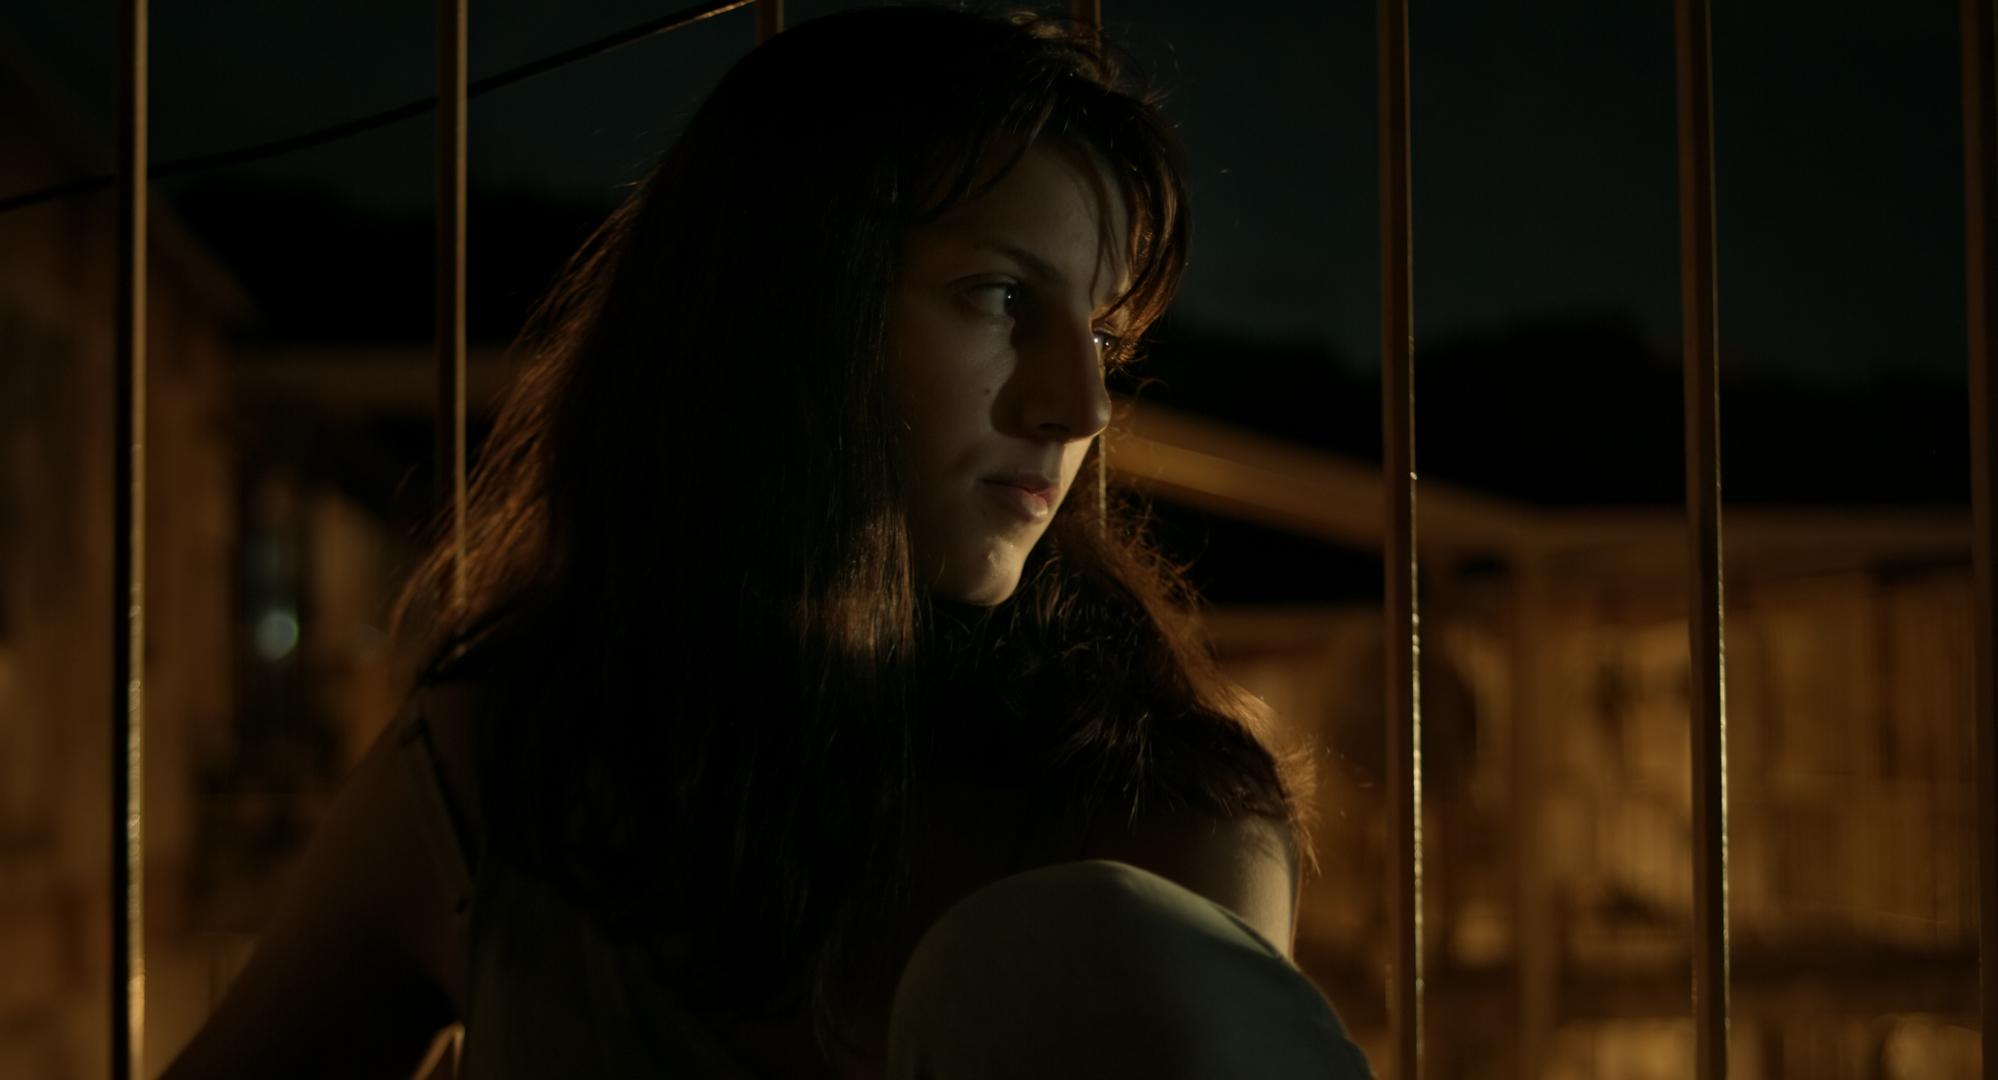 """Berlinale: crítica de """"Fern von uns"""", de Laura Bierbrauer y Verena Kuri"""